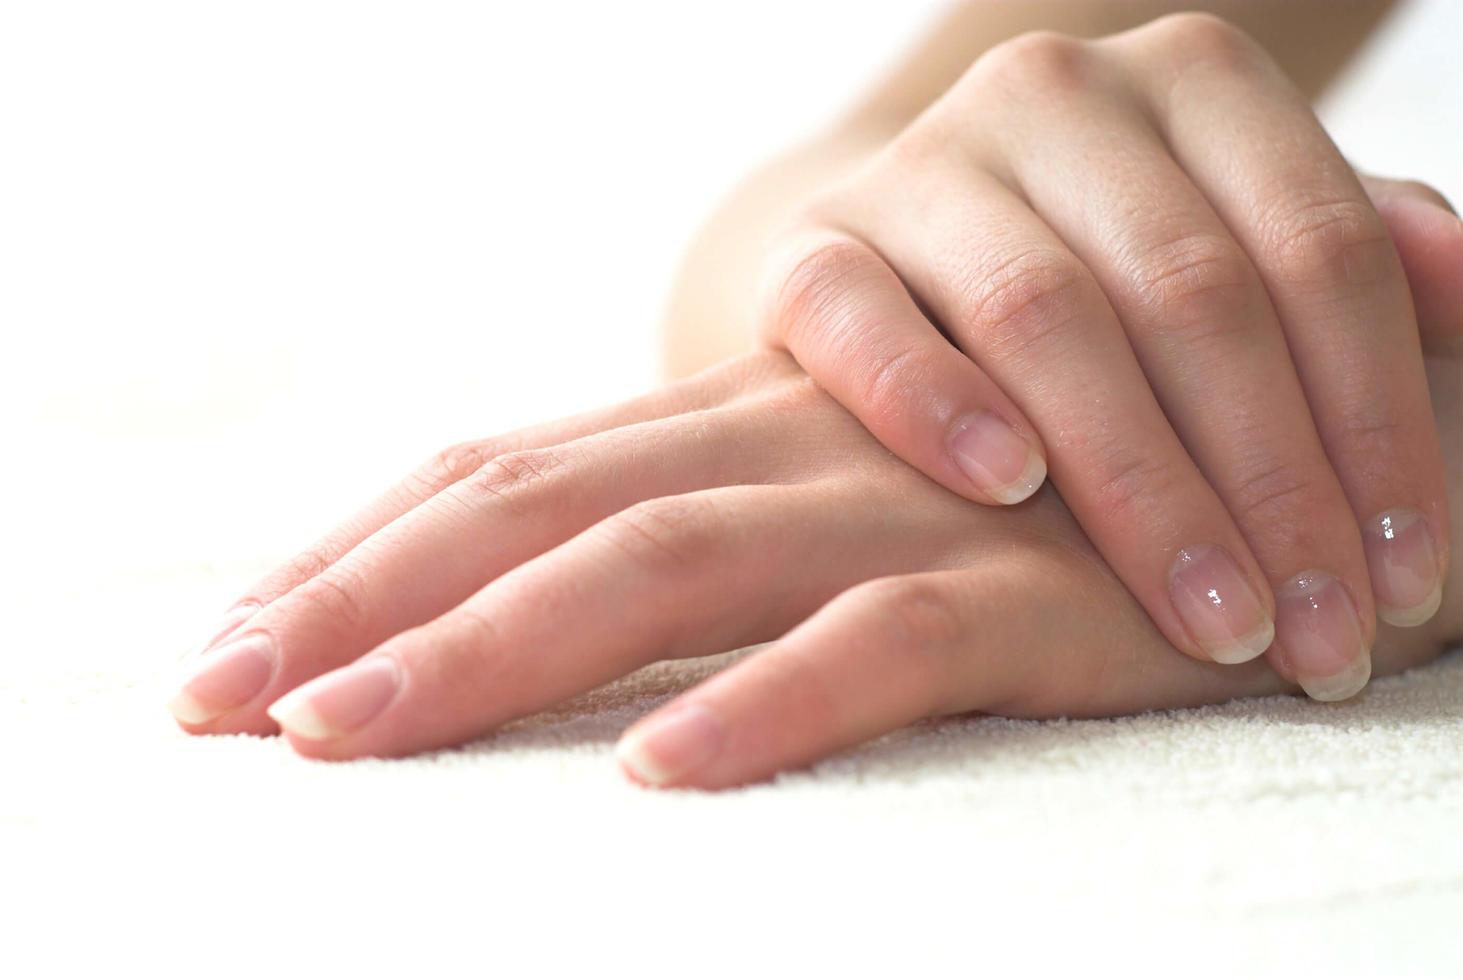 женские пальцы фото при проникновении